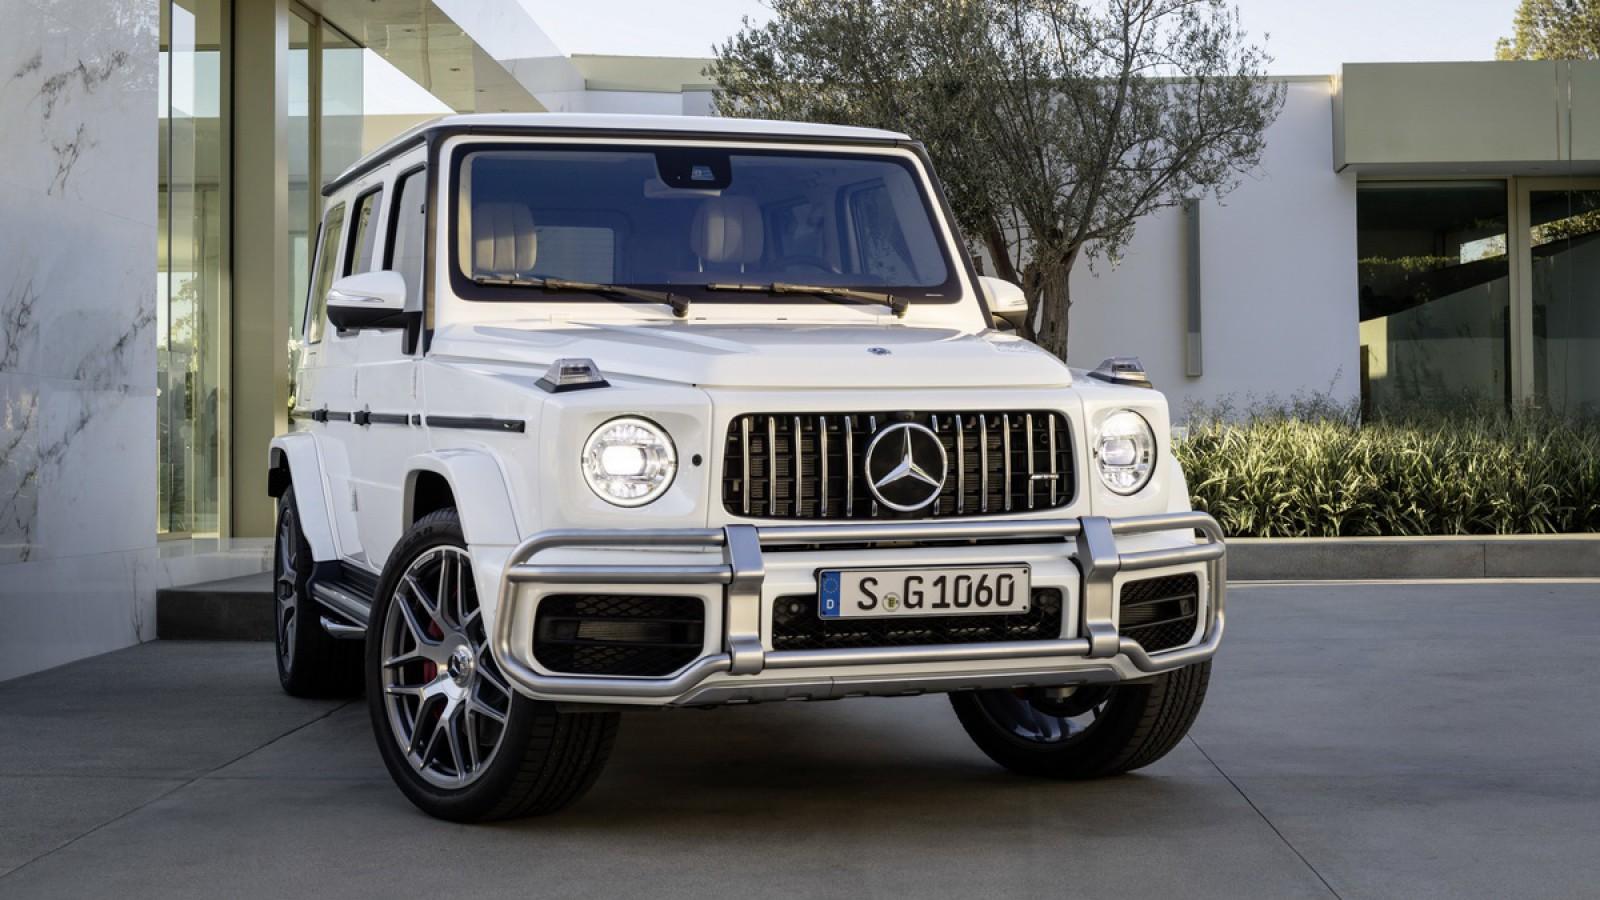 (video) Premieră mondială: Noul Mercedes-AMG G 63 are un motor potent care poate lucra cu doar patru cilindri